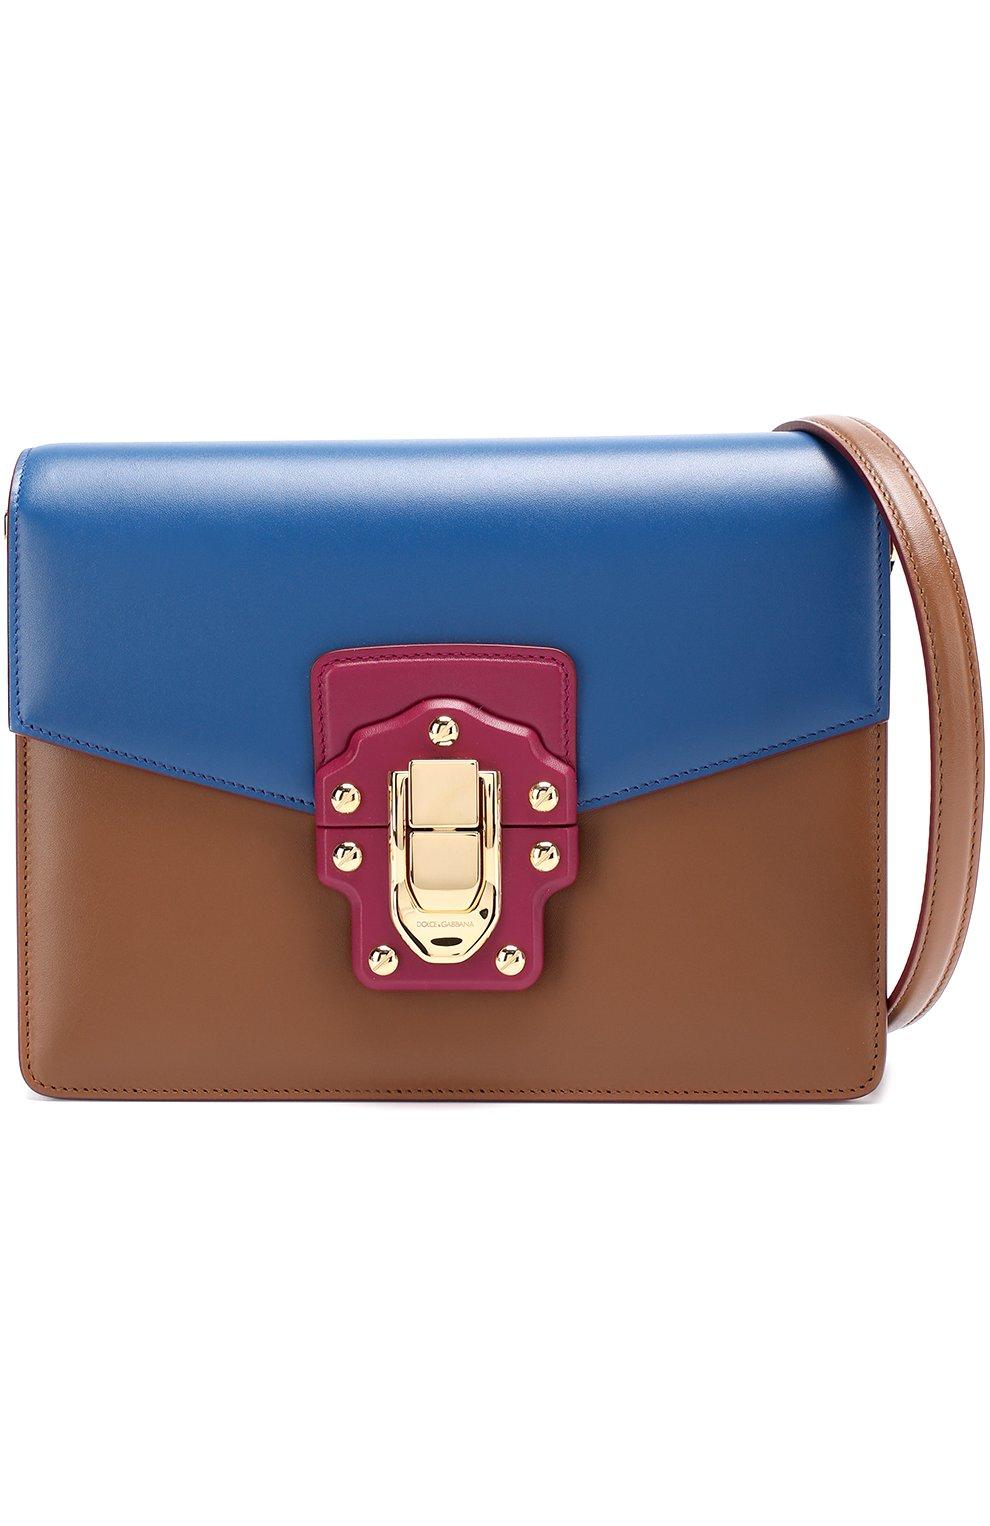 Сумка Lucia Dolce & Gabbana синяя цвета | Фото №5